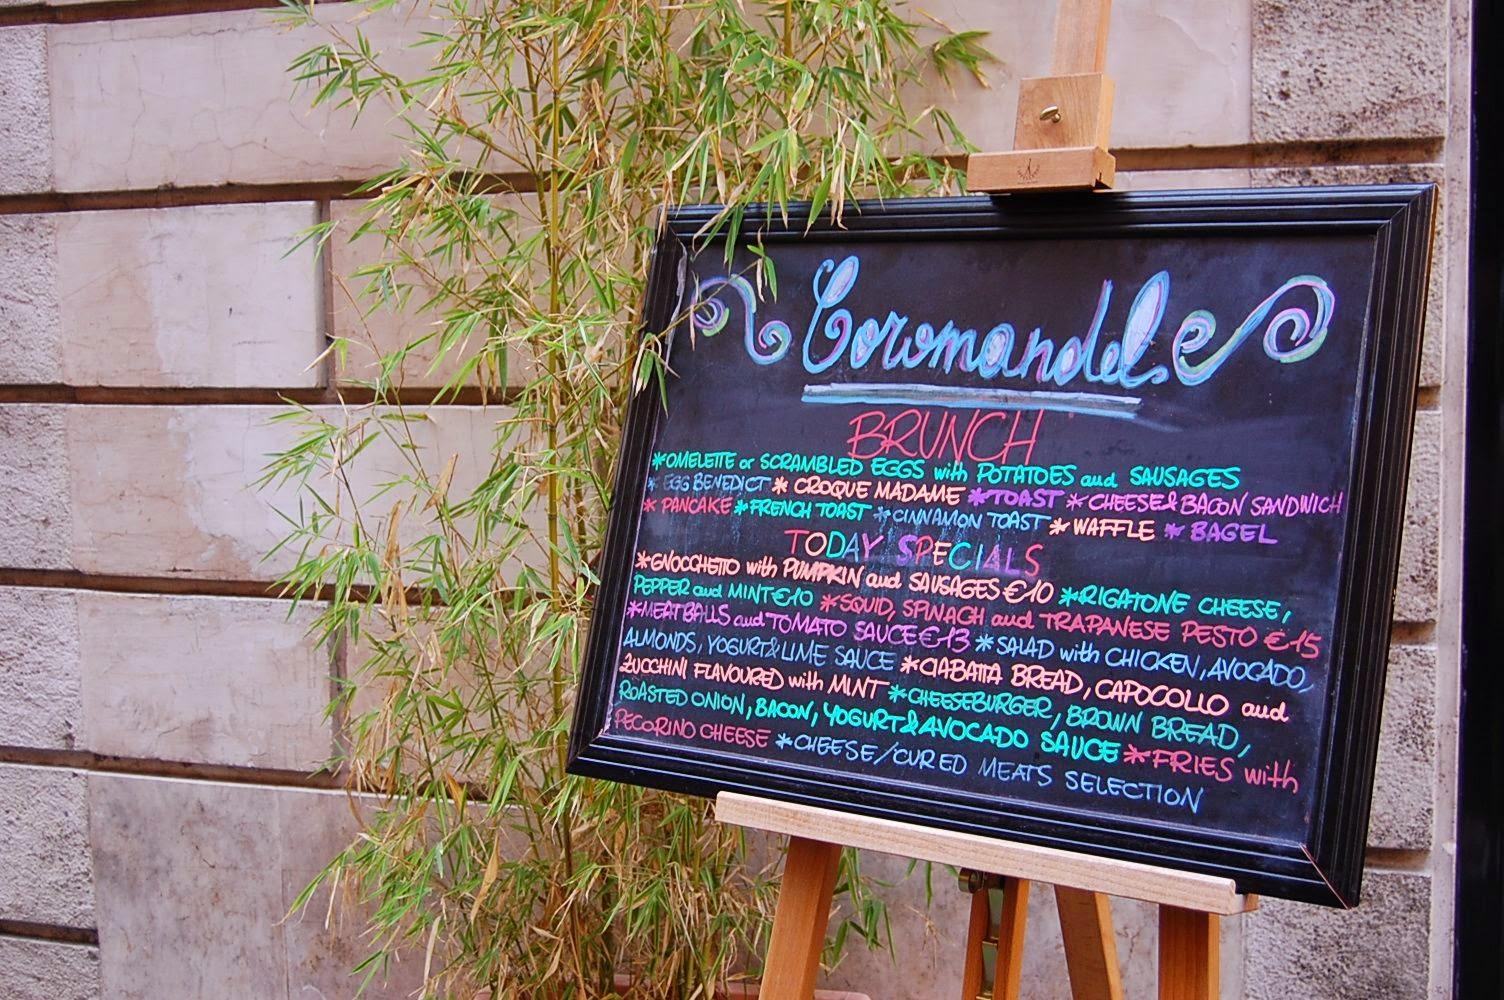 coromandel rome italy